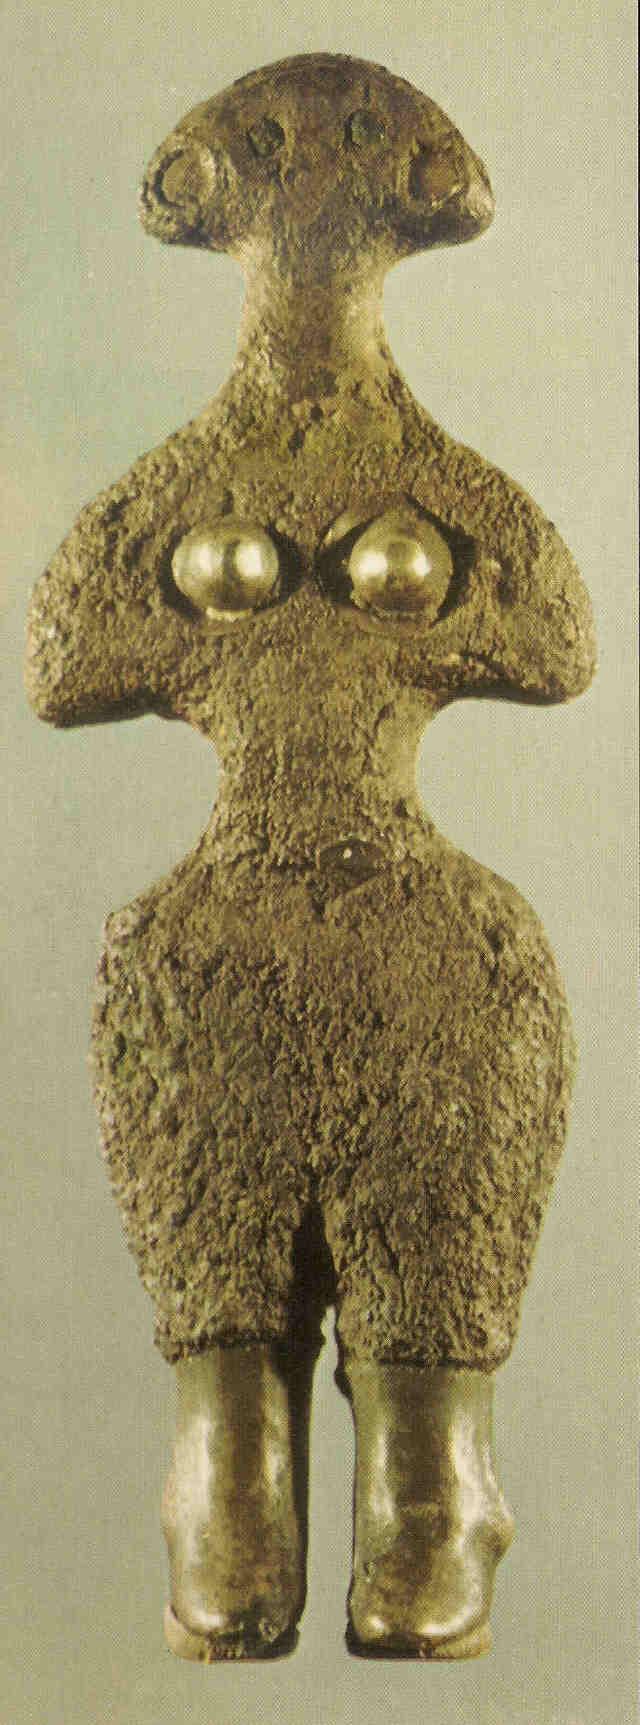 Godin der Hattiërs. Hattiërs zijn de voorgangers van de Hettieten in Turkije. Zij houdt haar vergulde borsten vast, blauwe ogen. Zij draagt laarzen. 2500 v Chr.